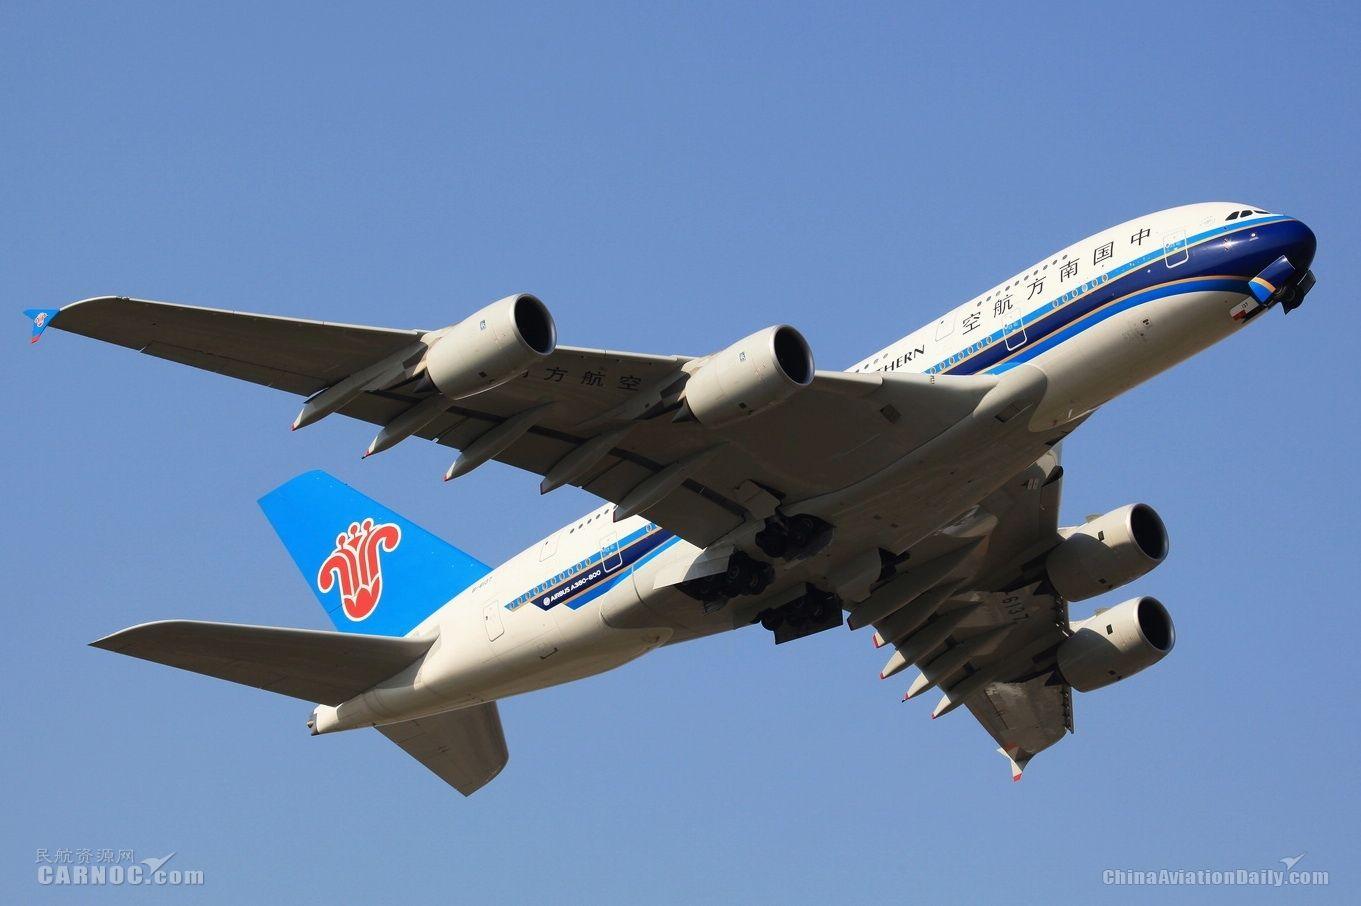 首架试飞航班9时从首都机场起飞 目的地大兴机场